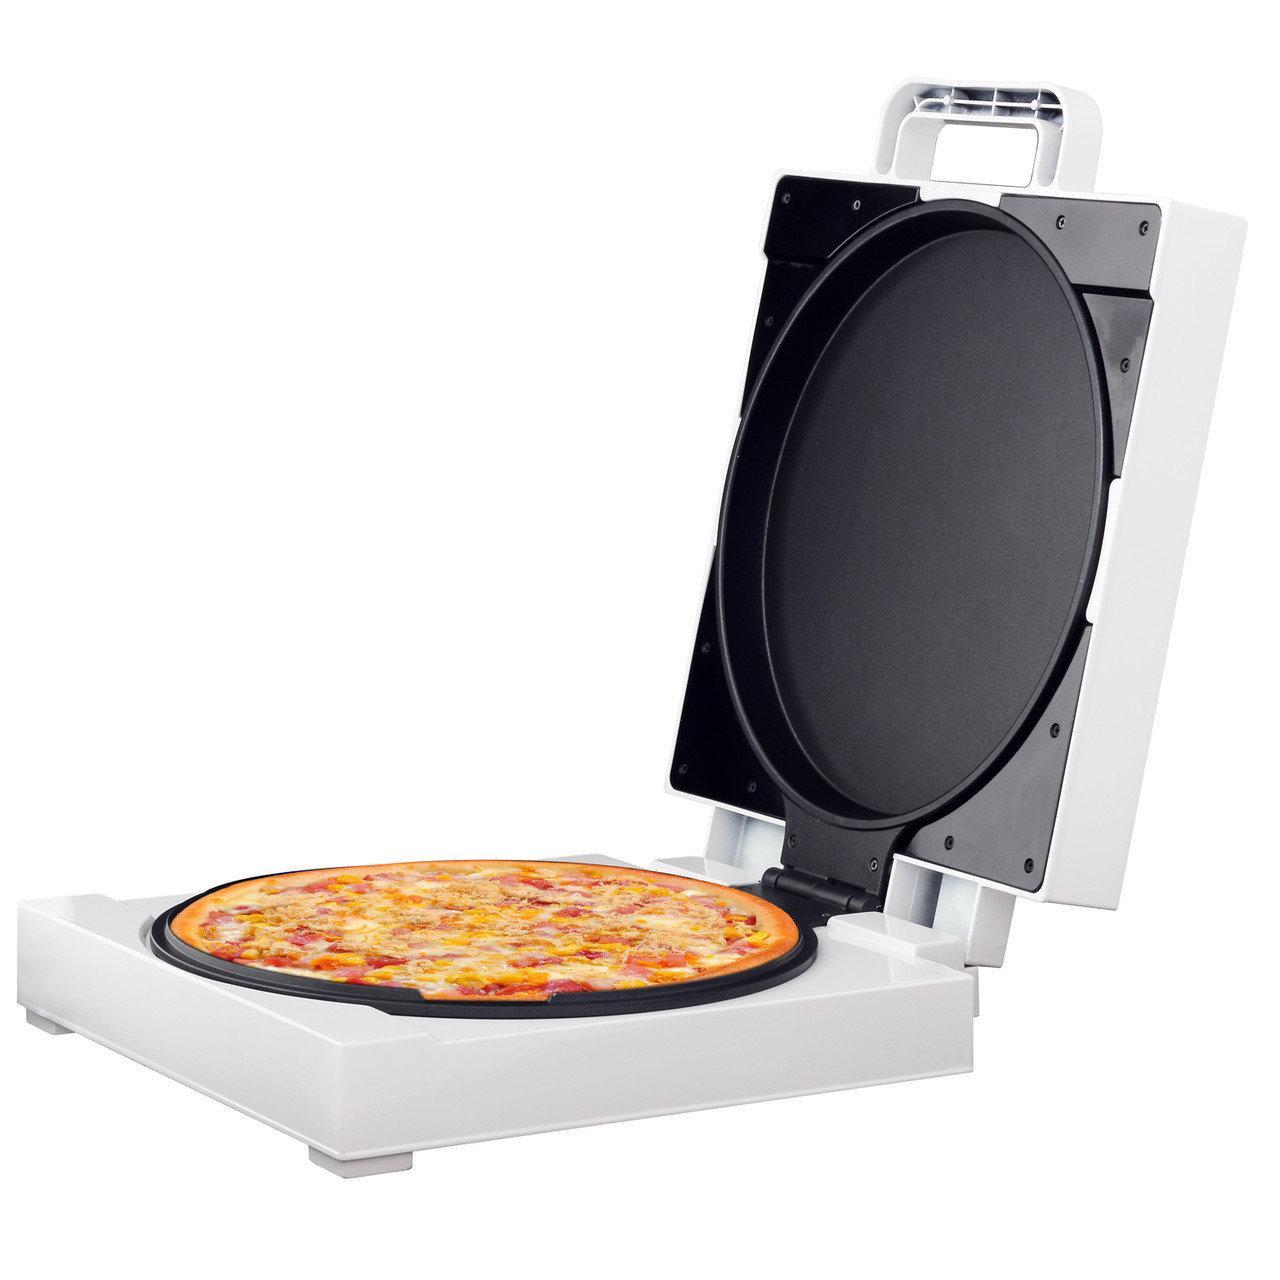 Аппарат для пиццы Пиццамейкер Royalty Line